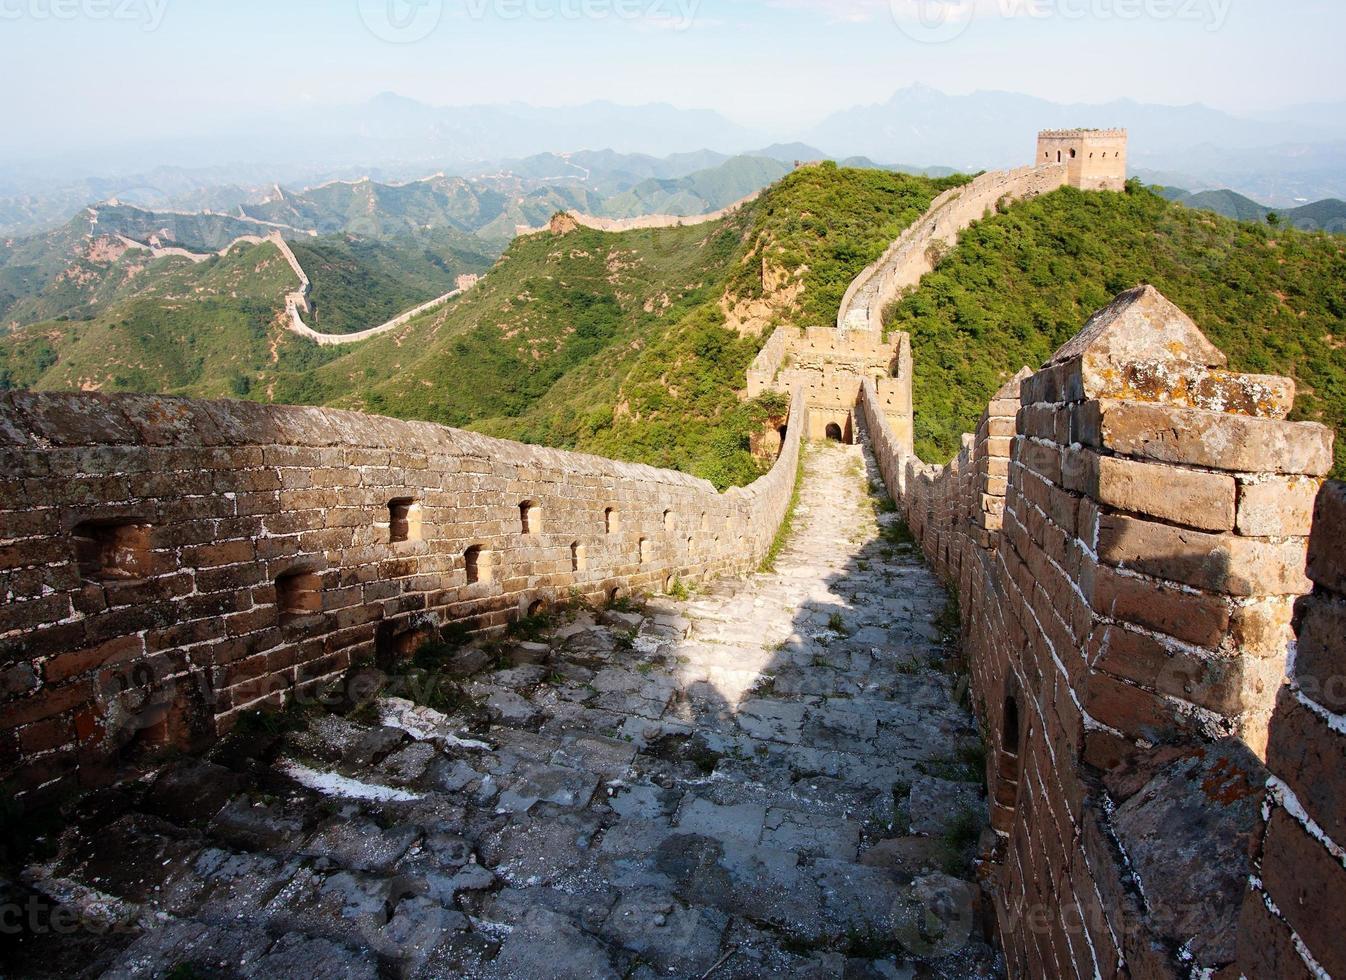 utsikt över kvällens stora vägg i Kina som ligger i hebei-provinsen foto